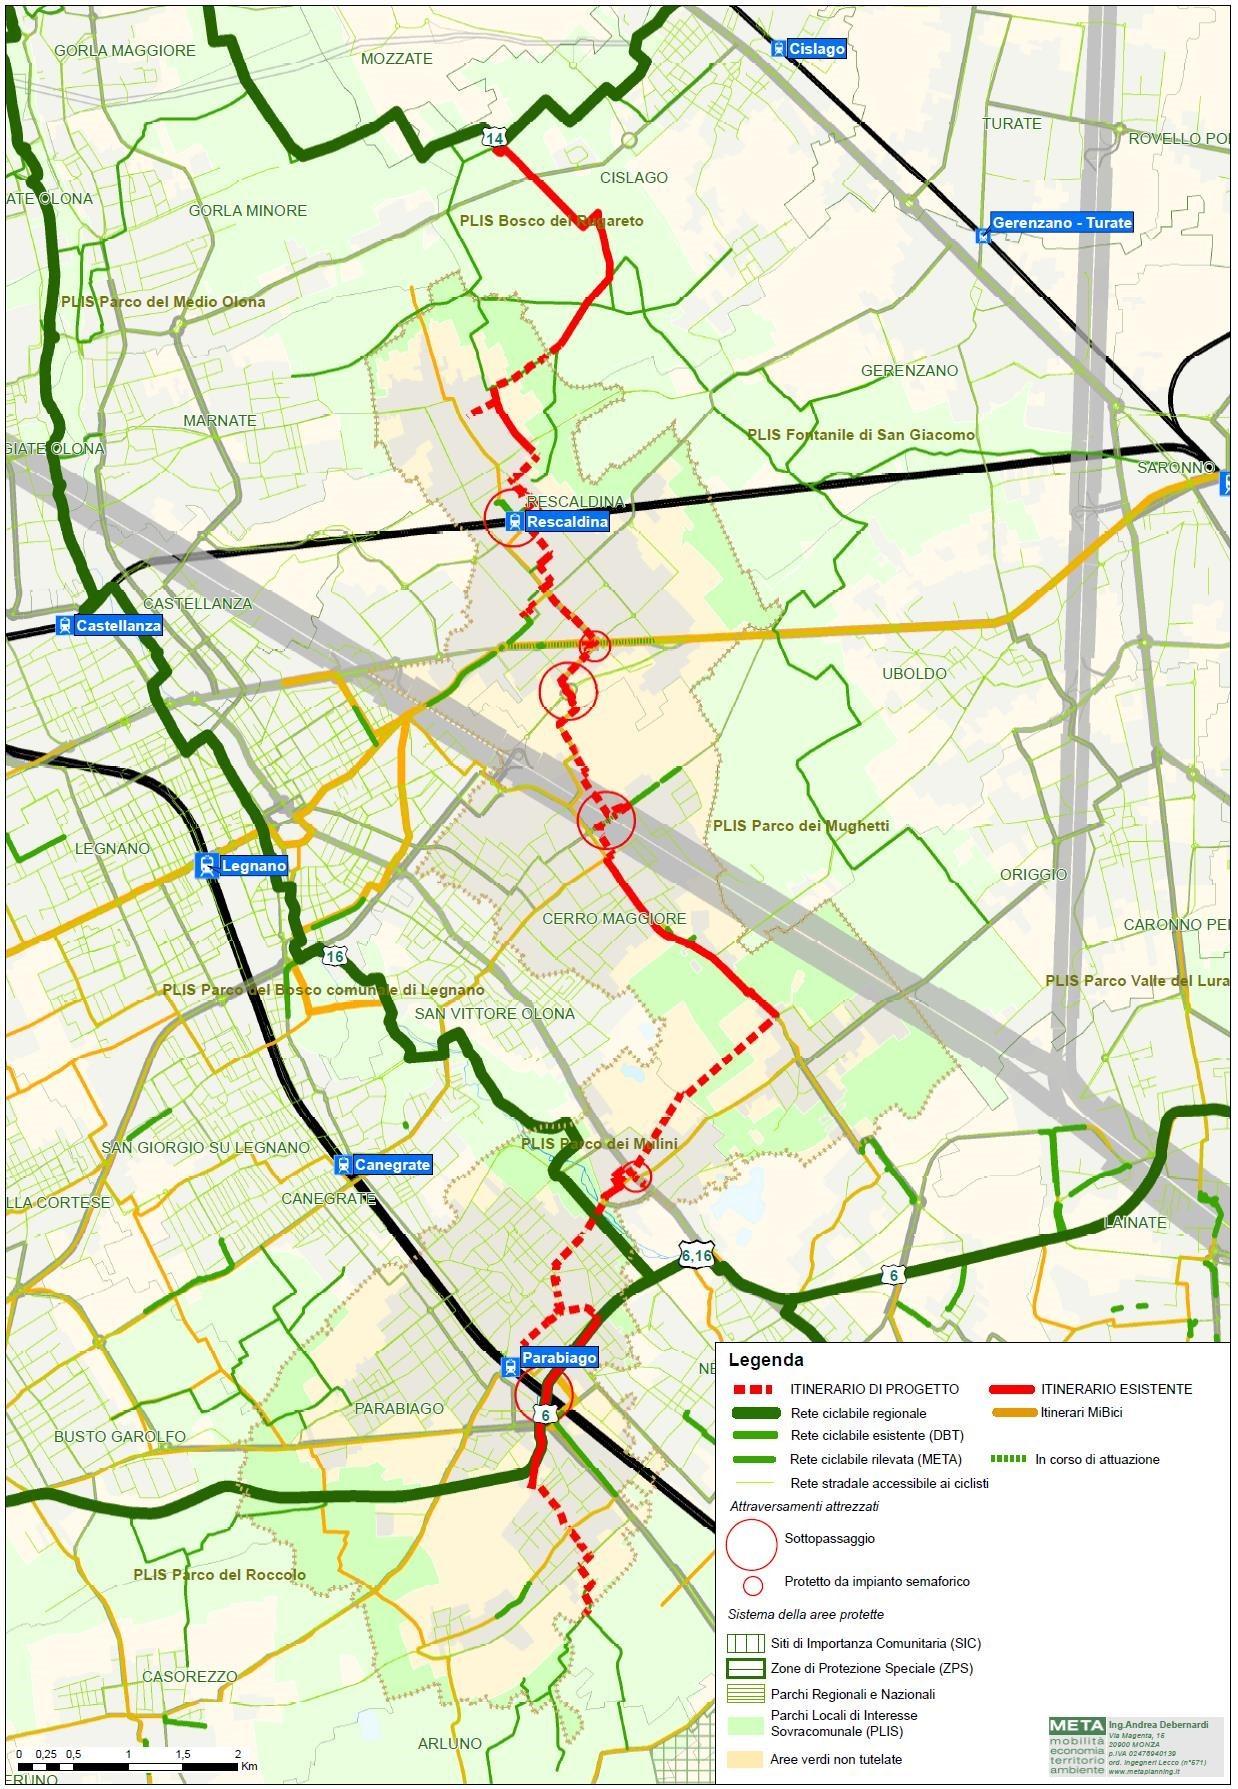 – Inquadramento del progetto nella rete delle Infrastrutture per la mobilità ciclabile esistenti od in corso di realizzazione per il superamento di barriere infrastrutturali